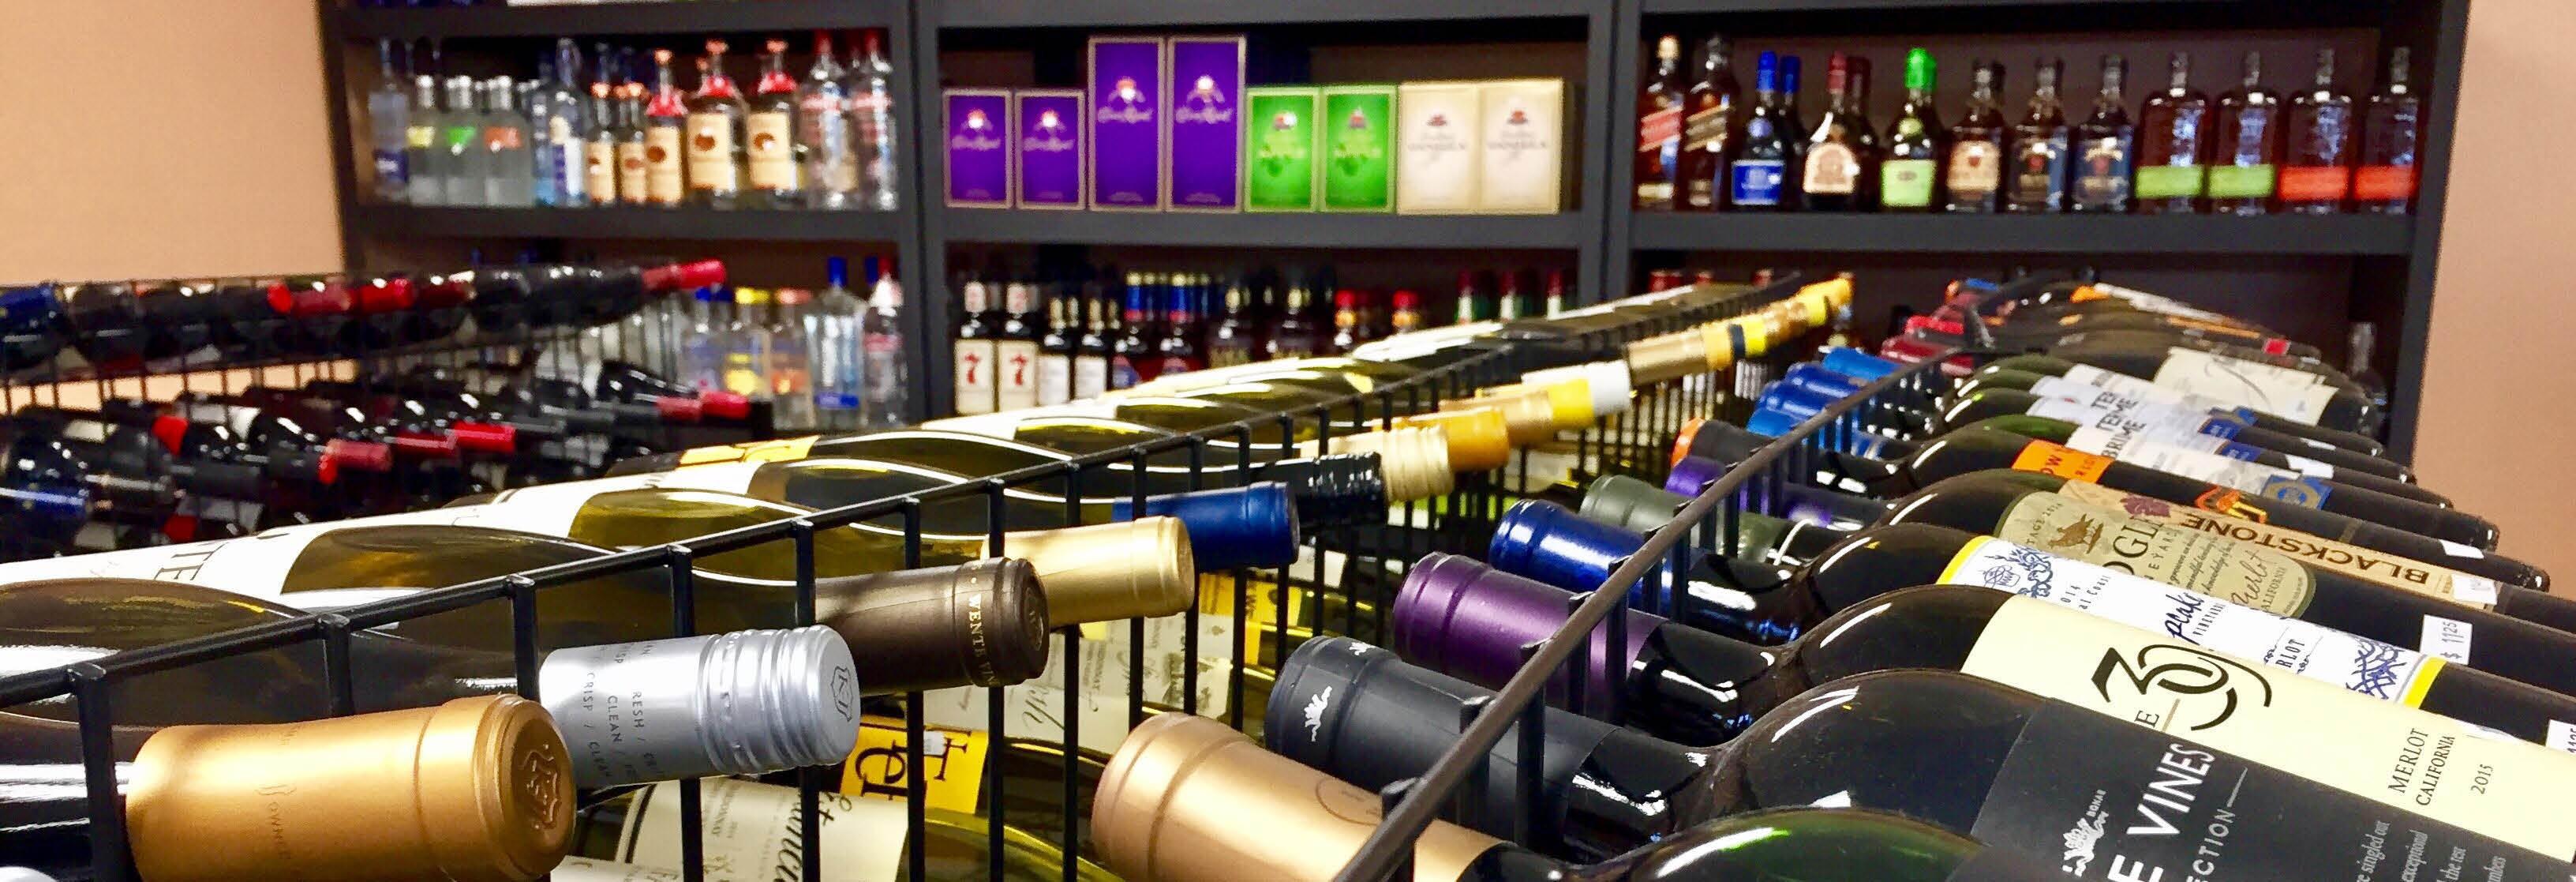 Chang Liquor -  Beer, Wine, Spirits